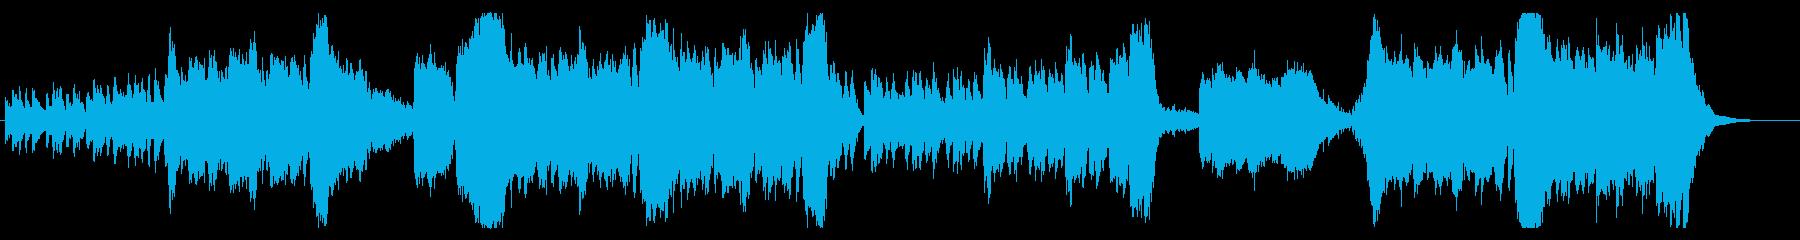 ハロウィンに聴きたい王道ゴシックメルヘンの再生済みの波形